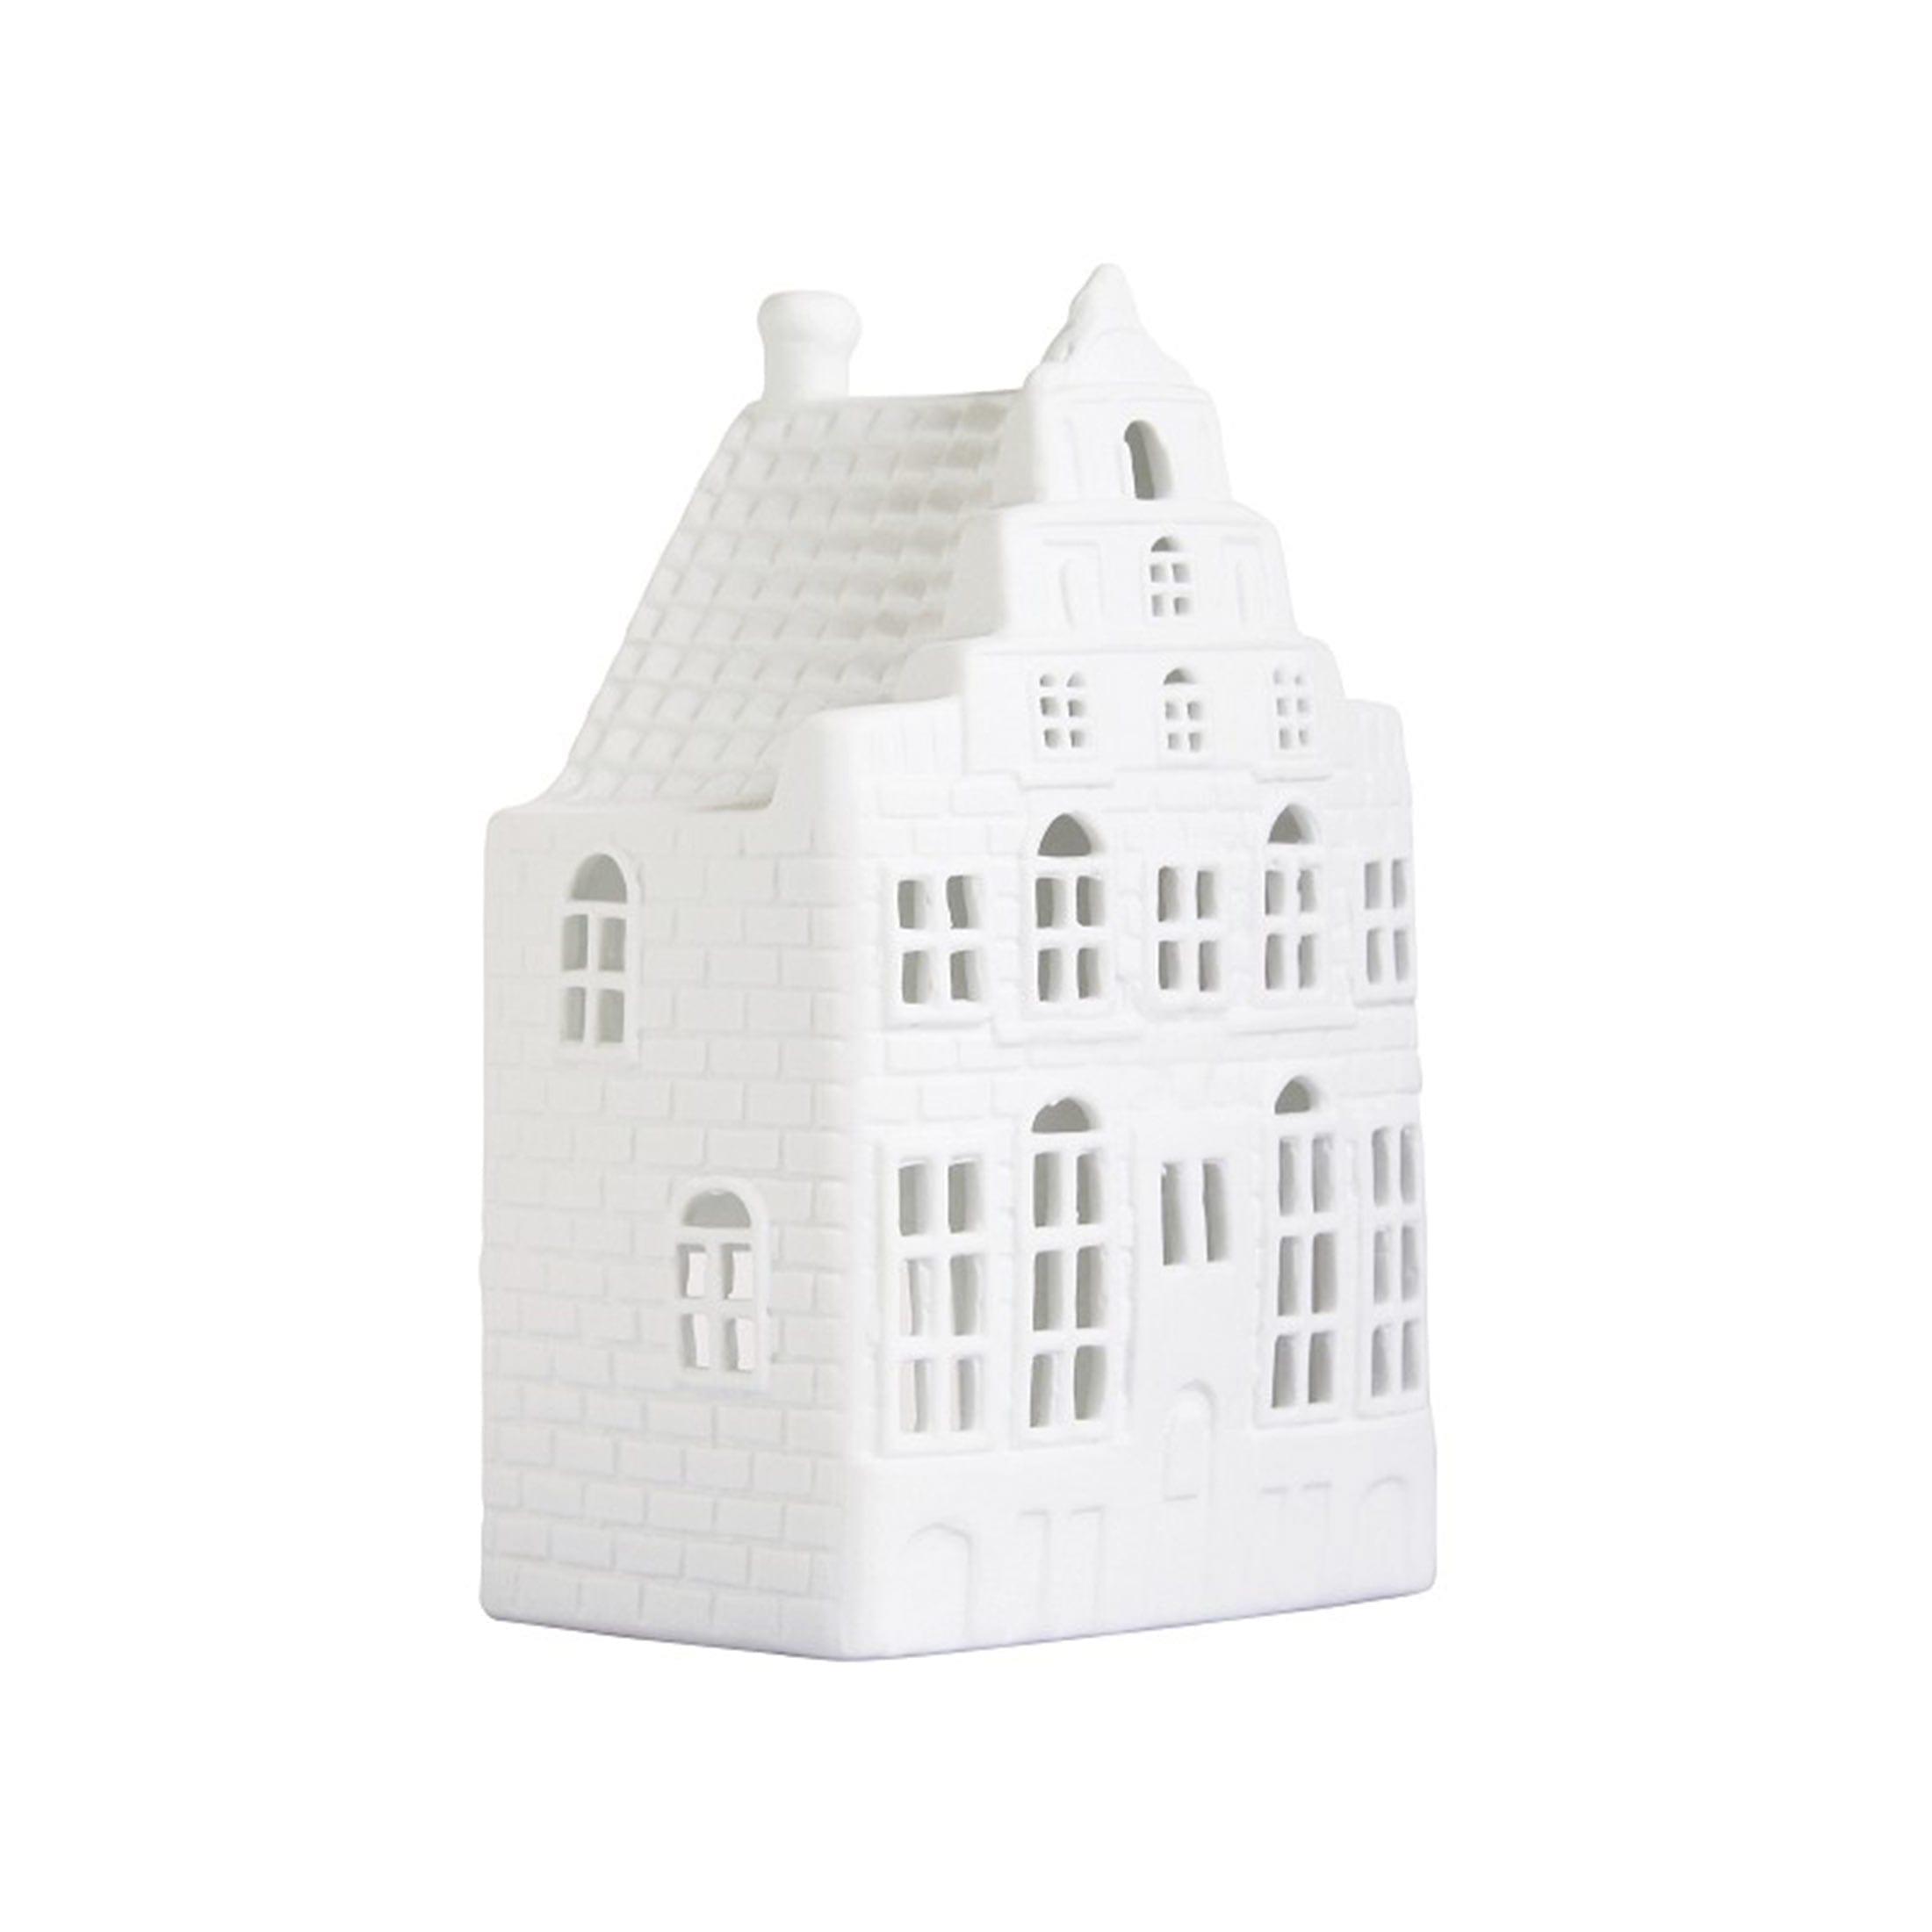 Kerzenhalter Haus aus Porzellan für Kerzen im skandinavischen Wohnstil für die Dekoration im Wohnzimmer. Halter für Kerzen in der Form eines Haus in Amsterdam für Teelichter